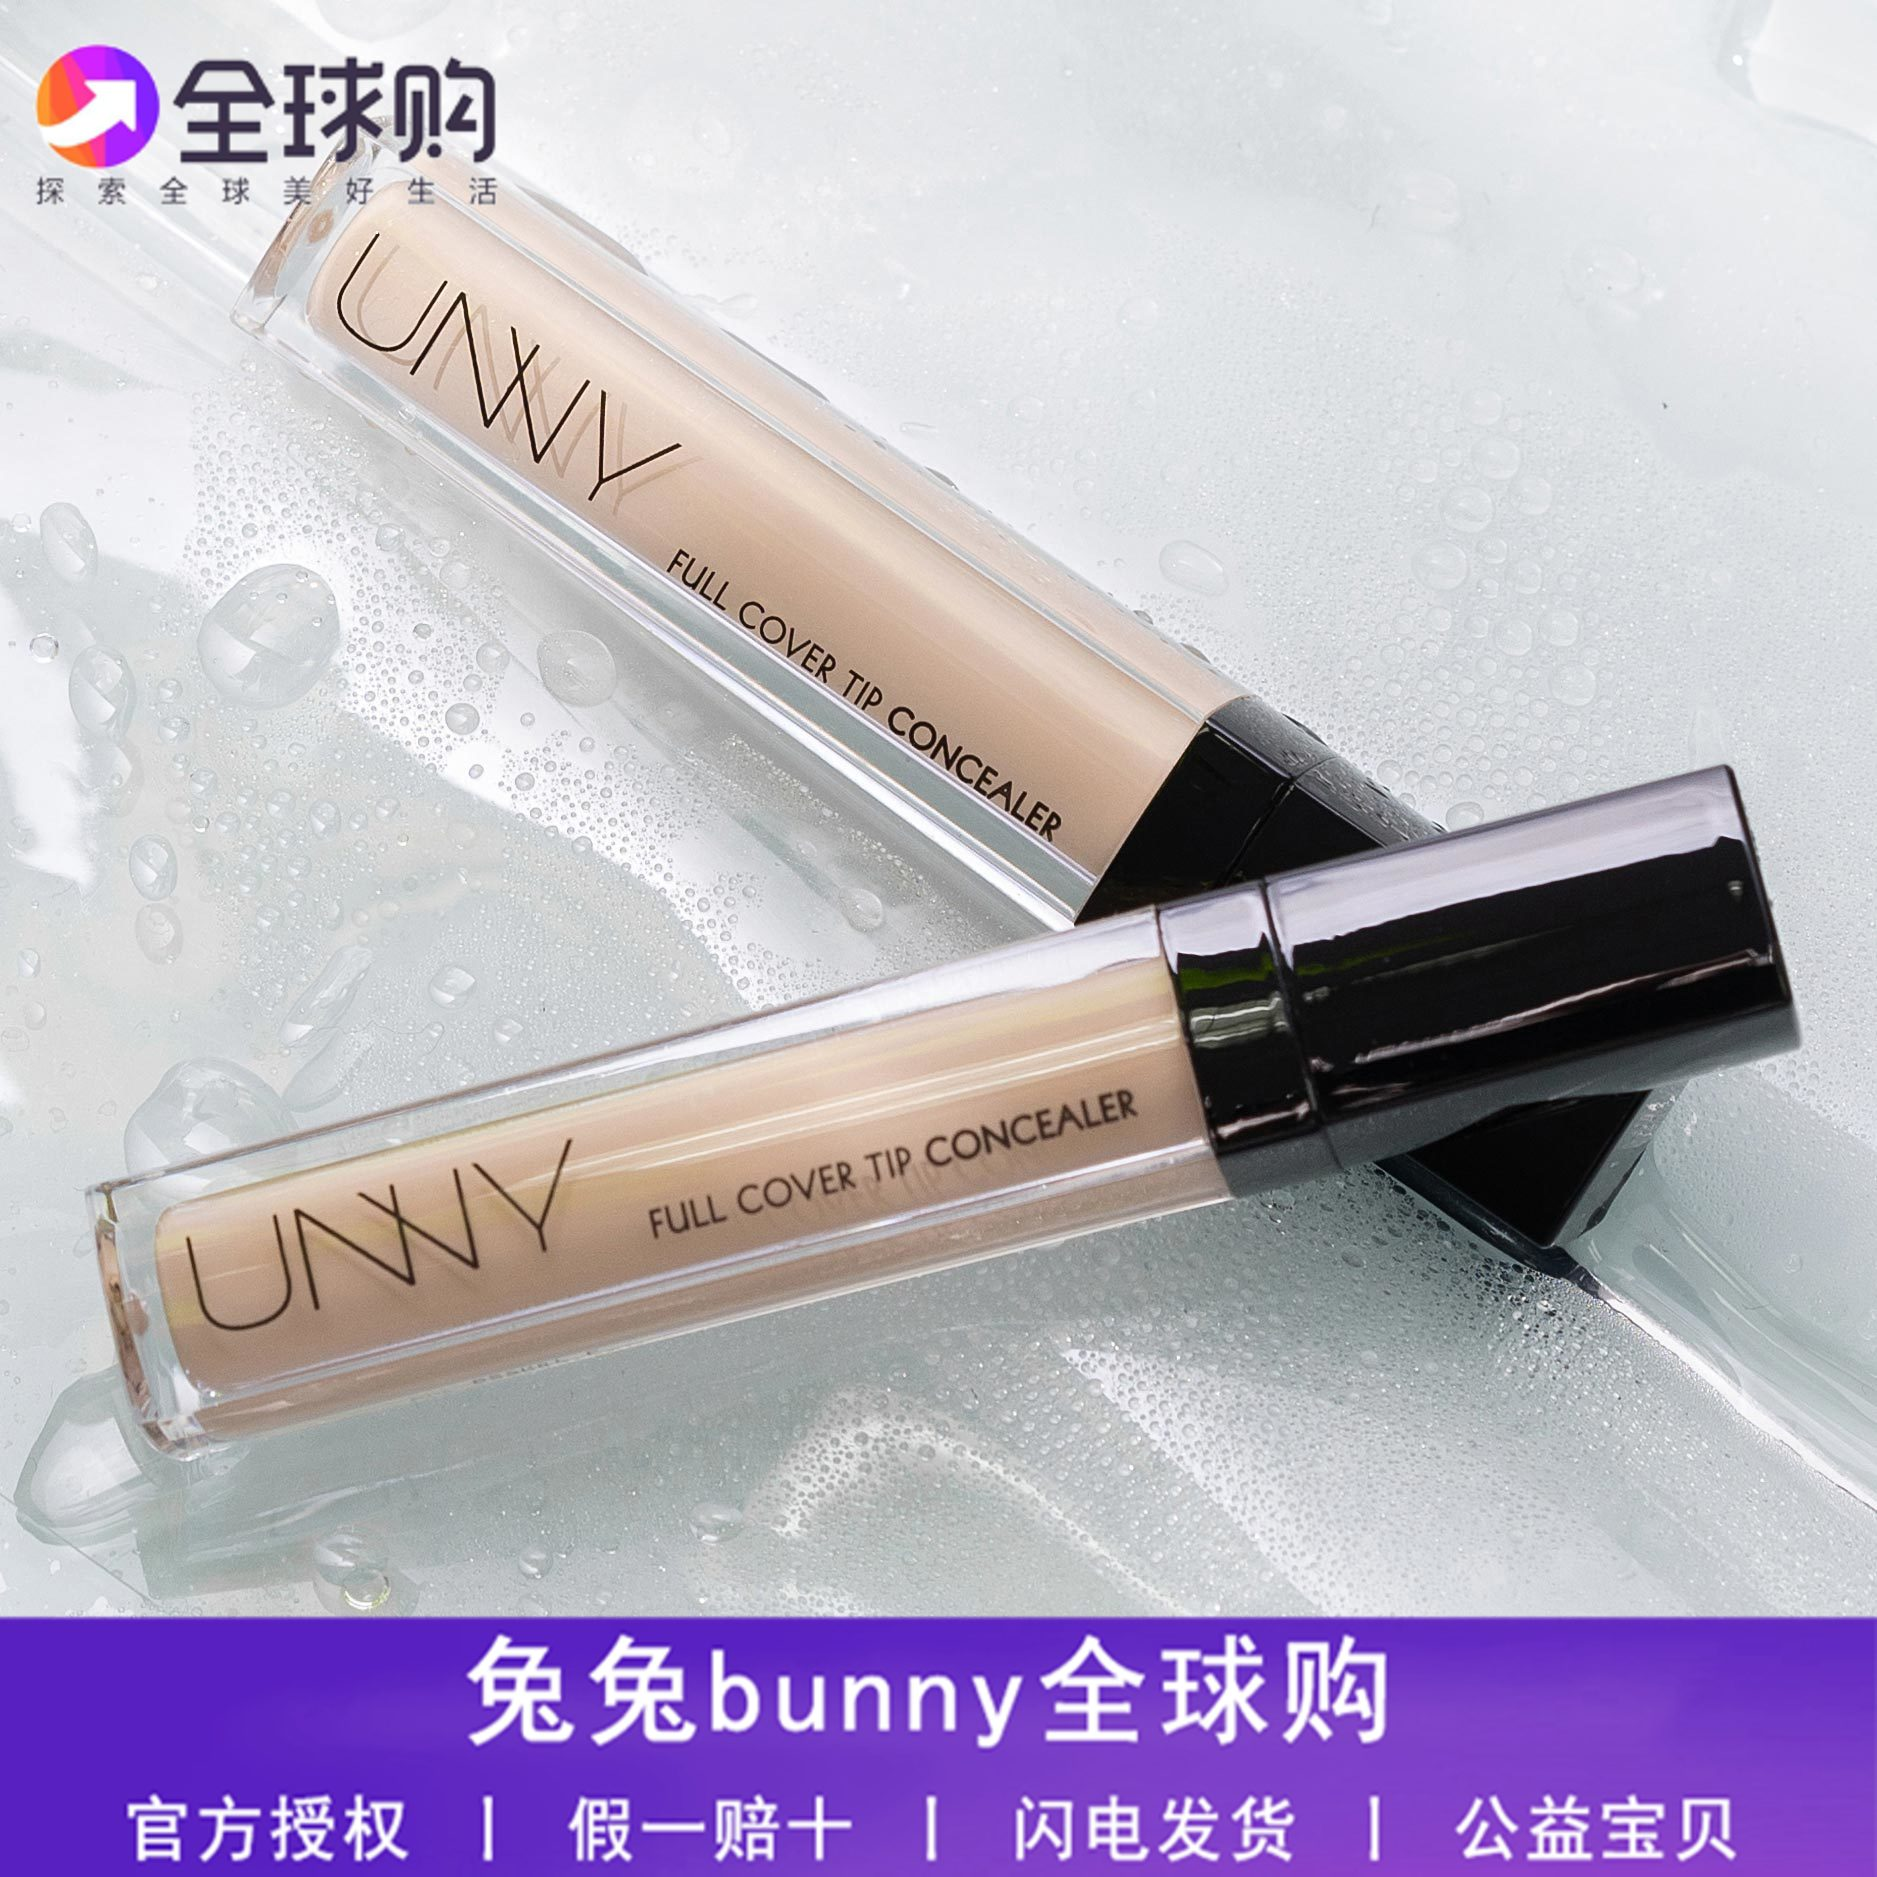 韩国unny遮瑕液悠宜遮盖雀斑脸部膏(非品牌)